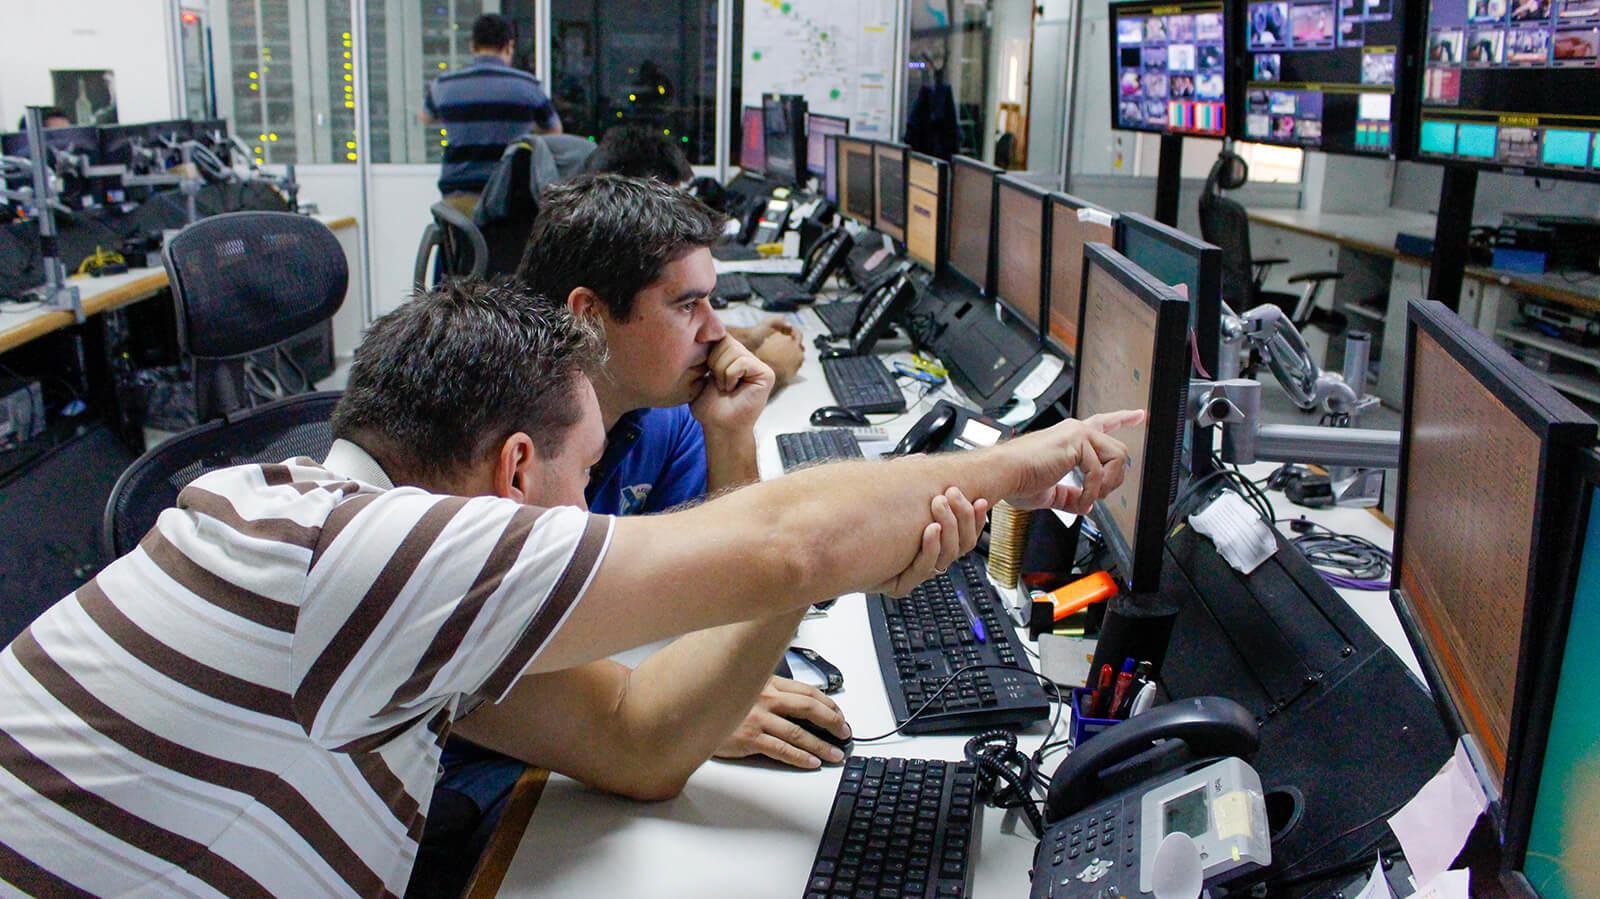 Especialistas en tecnología informática, sentados con auriculares en escritorios compartidos, trabajando con una computadora y 2 pantallas